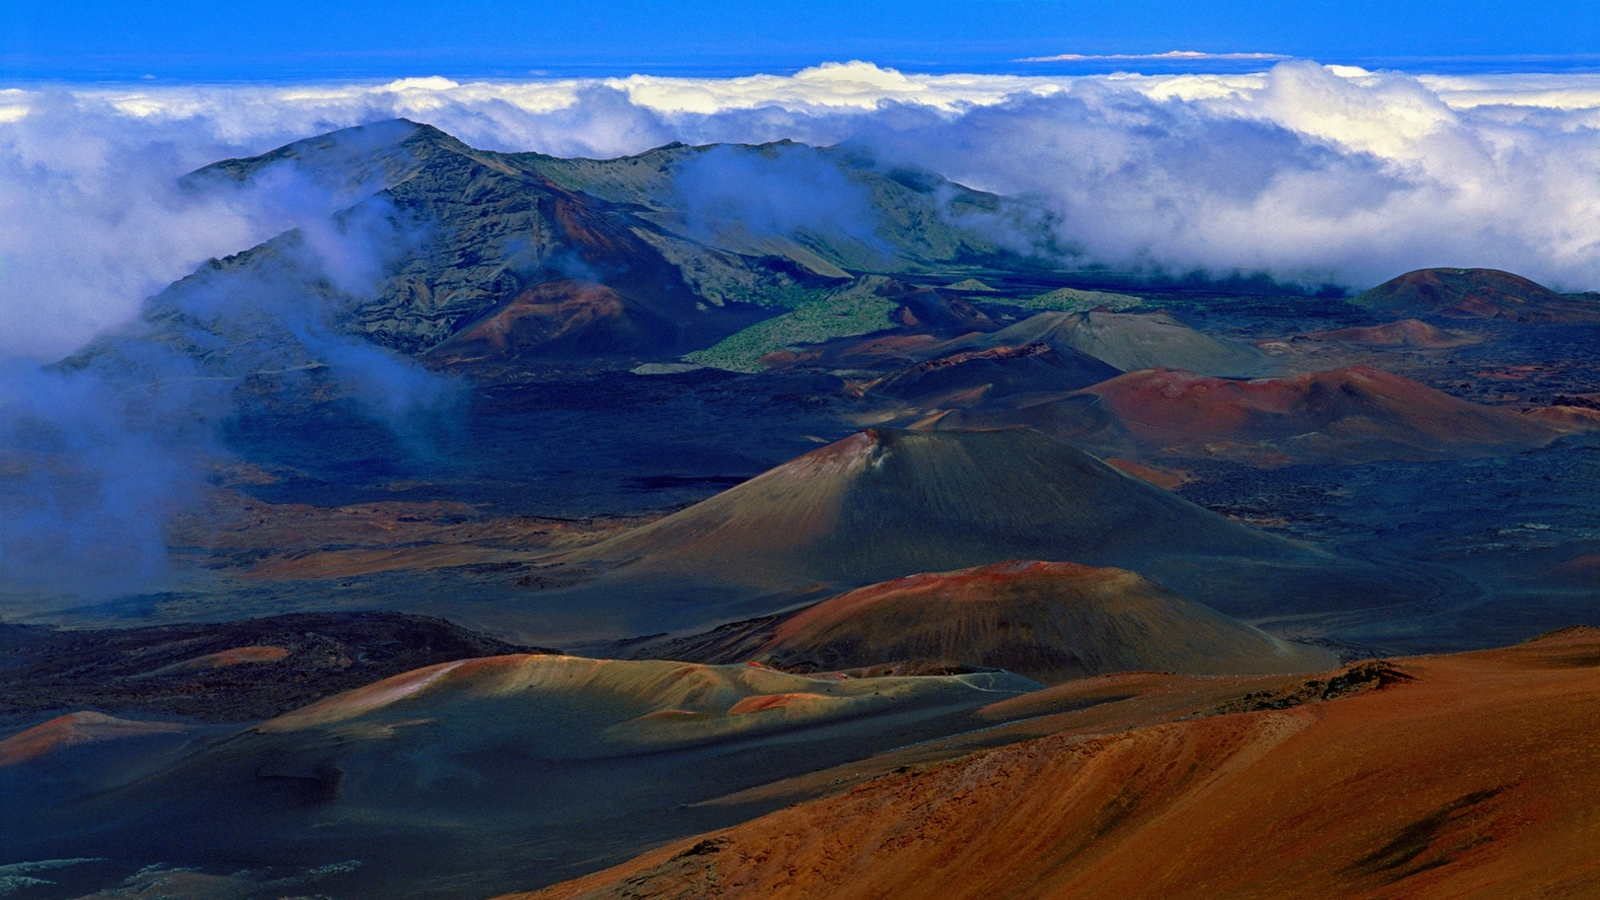 Wallpaper Proslut Mountains Hd Widescreen High Res